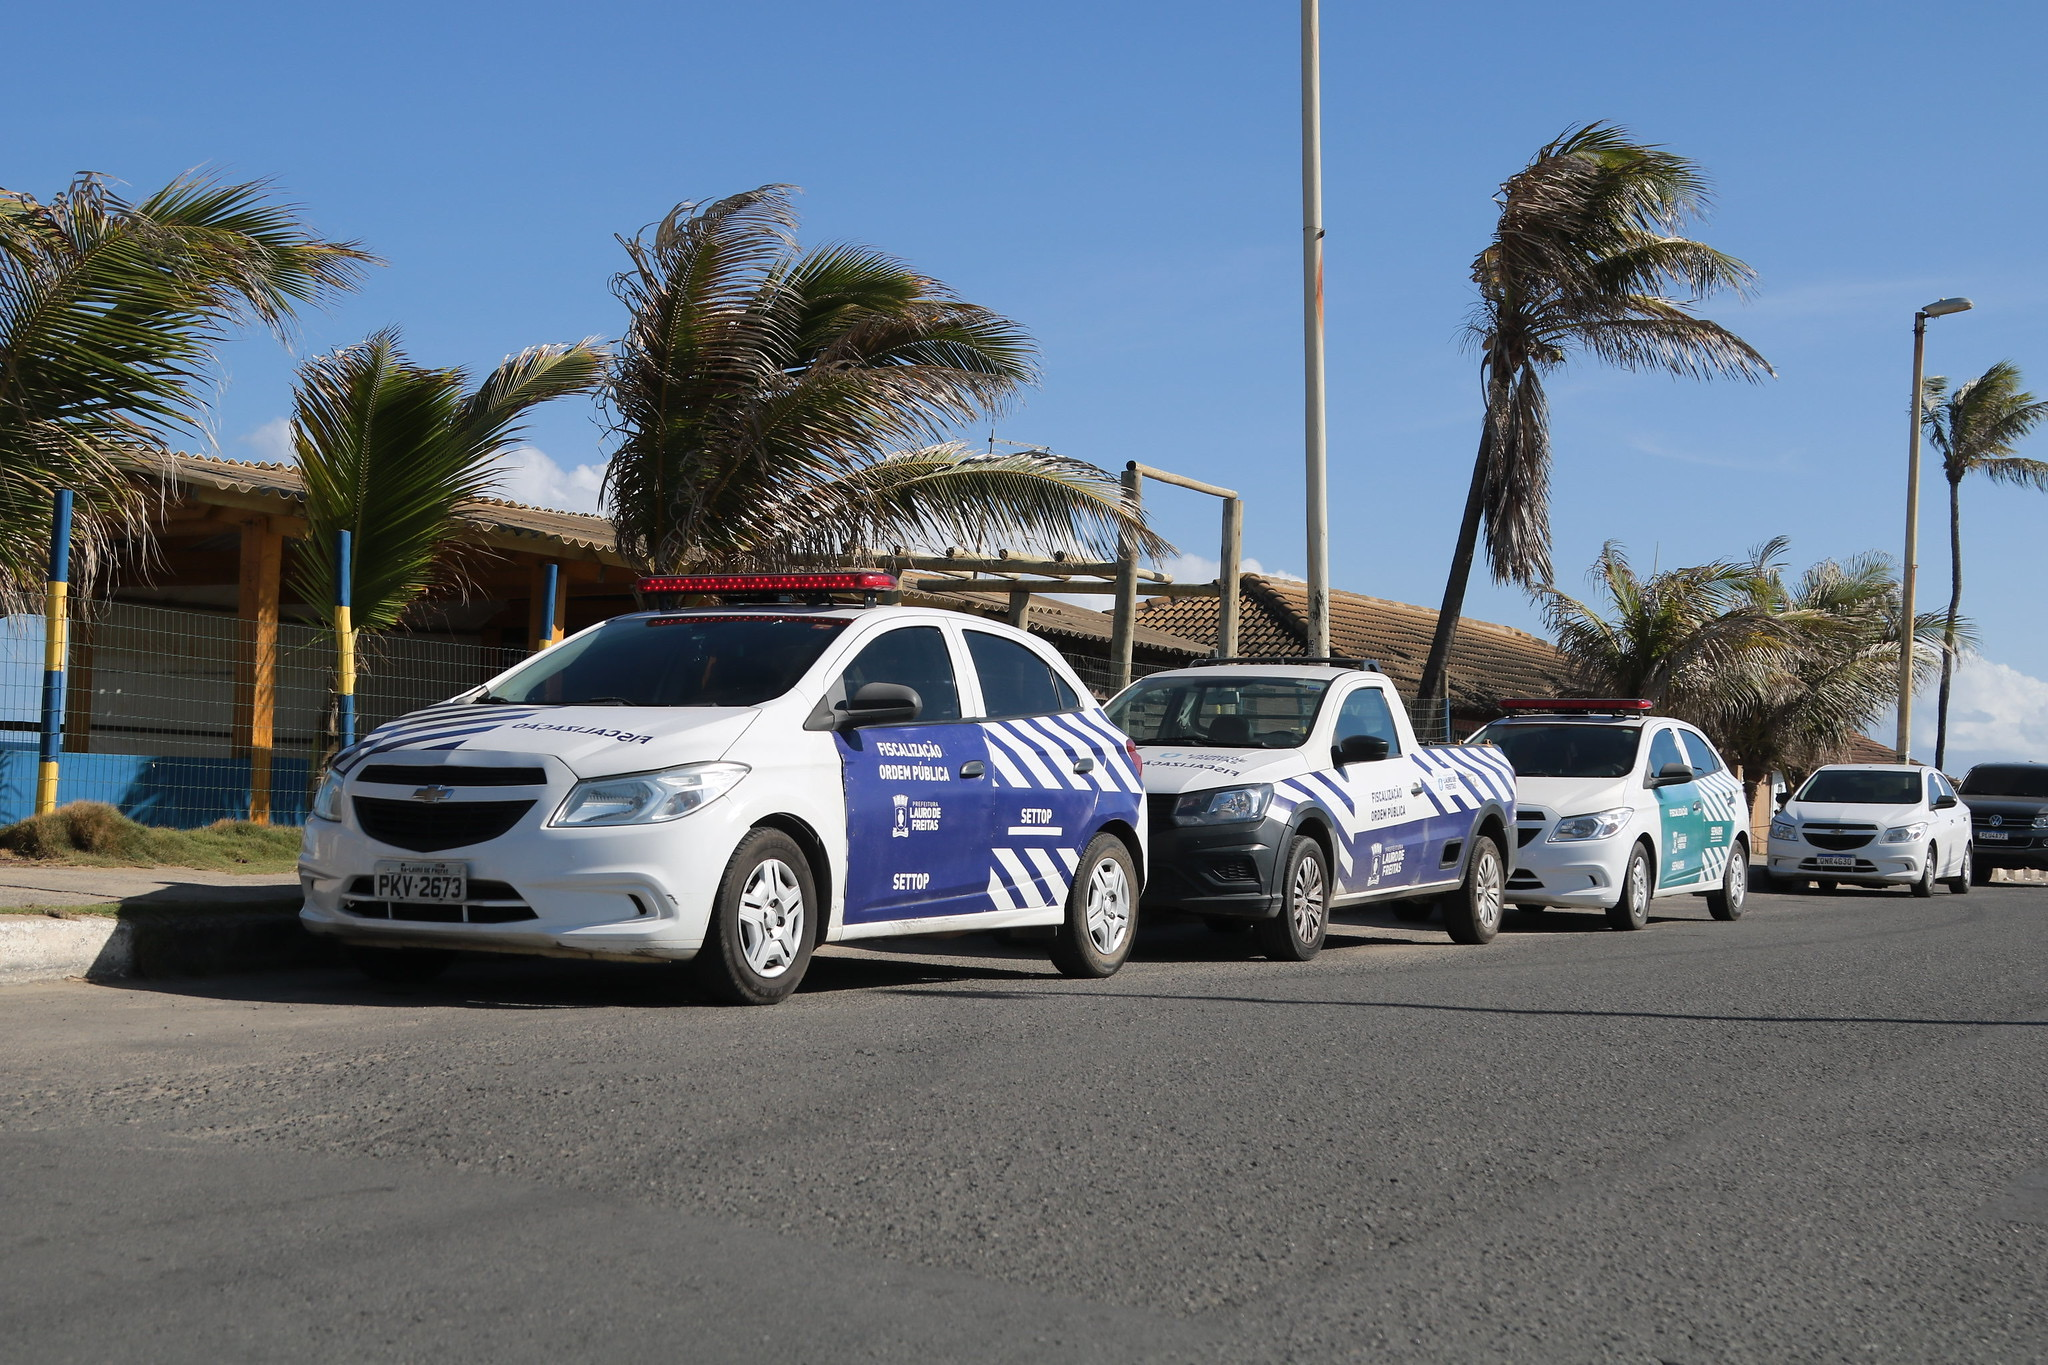 Serviços da Prefeitura funcionarão normalmente na quarta (23) e sexta-feira (25). Fiscalização das medidas de prevenção à Covid será intensificada